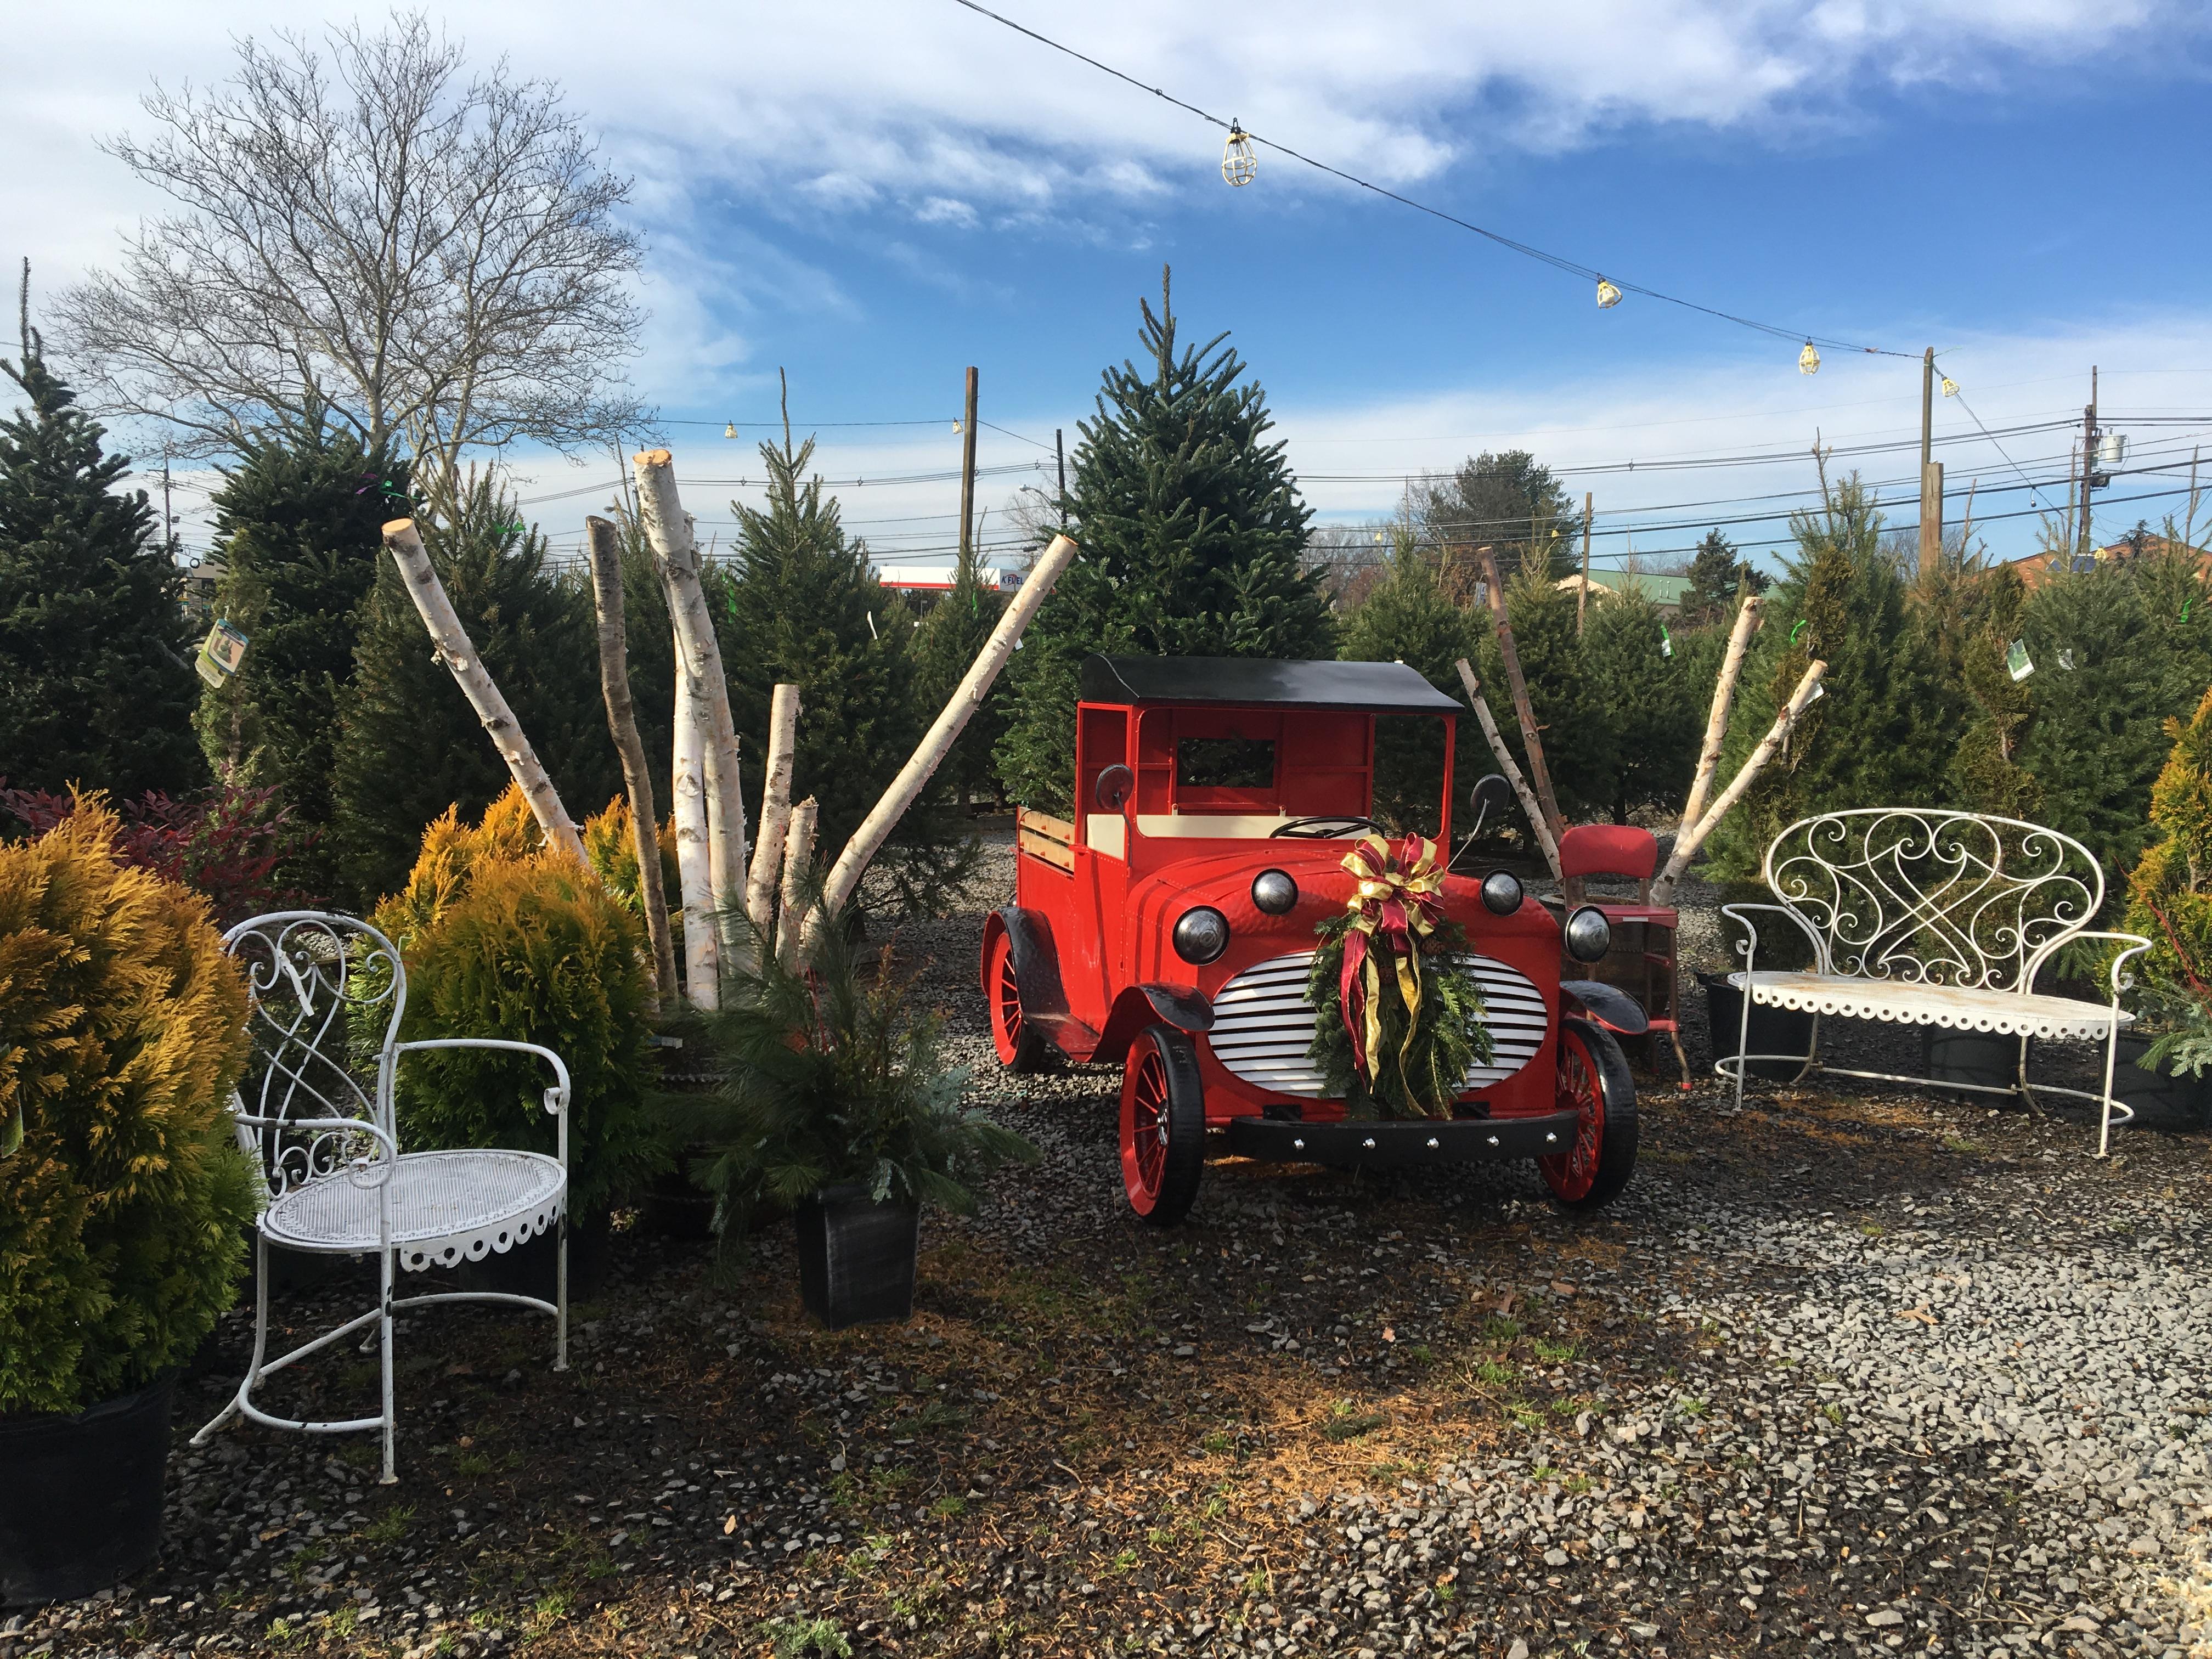 santa sleigh christmas display